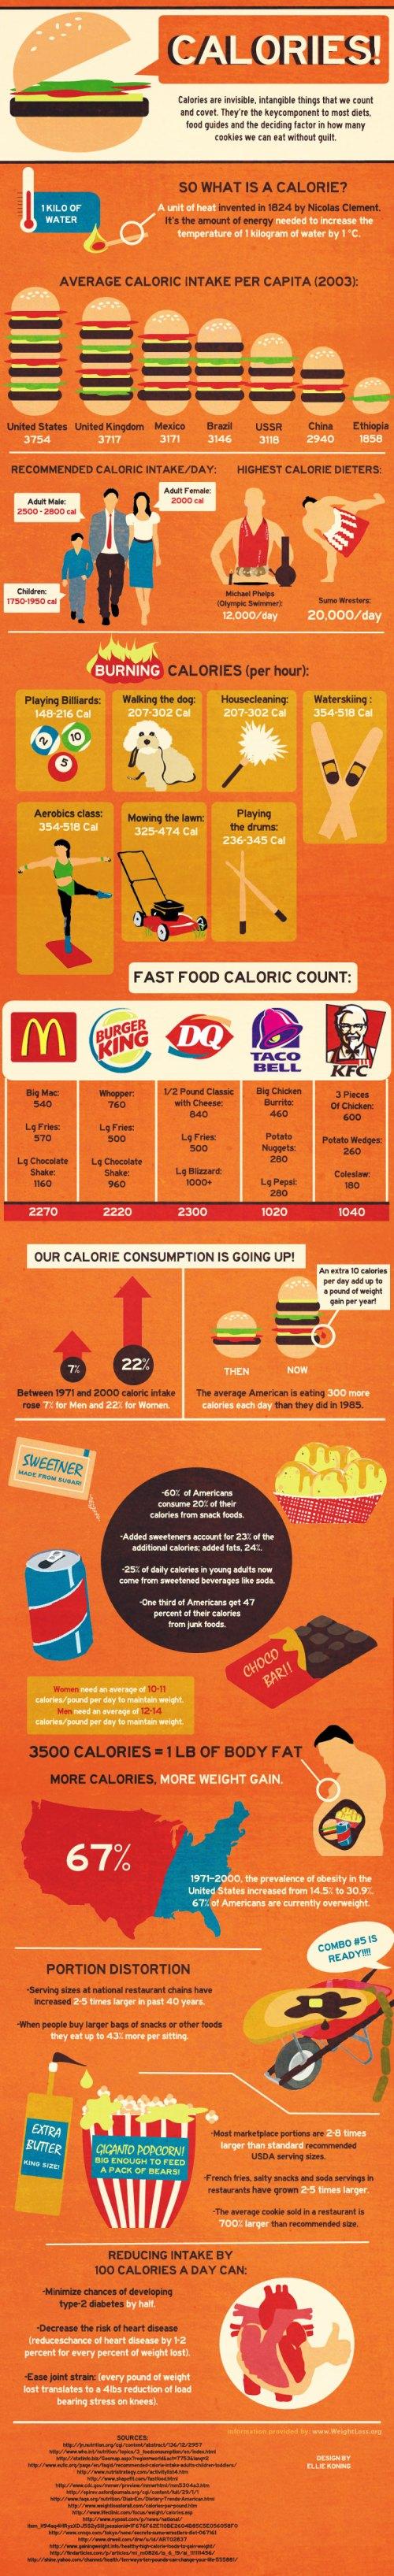 calories Calories